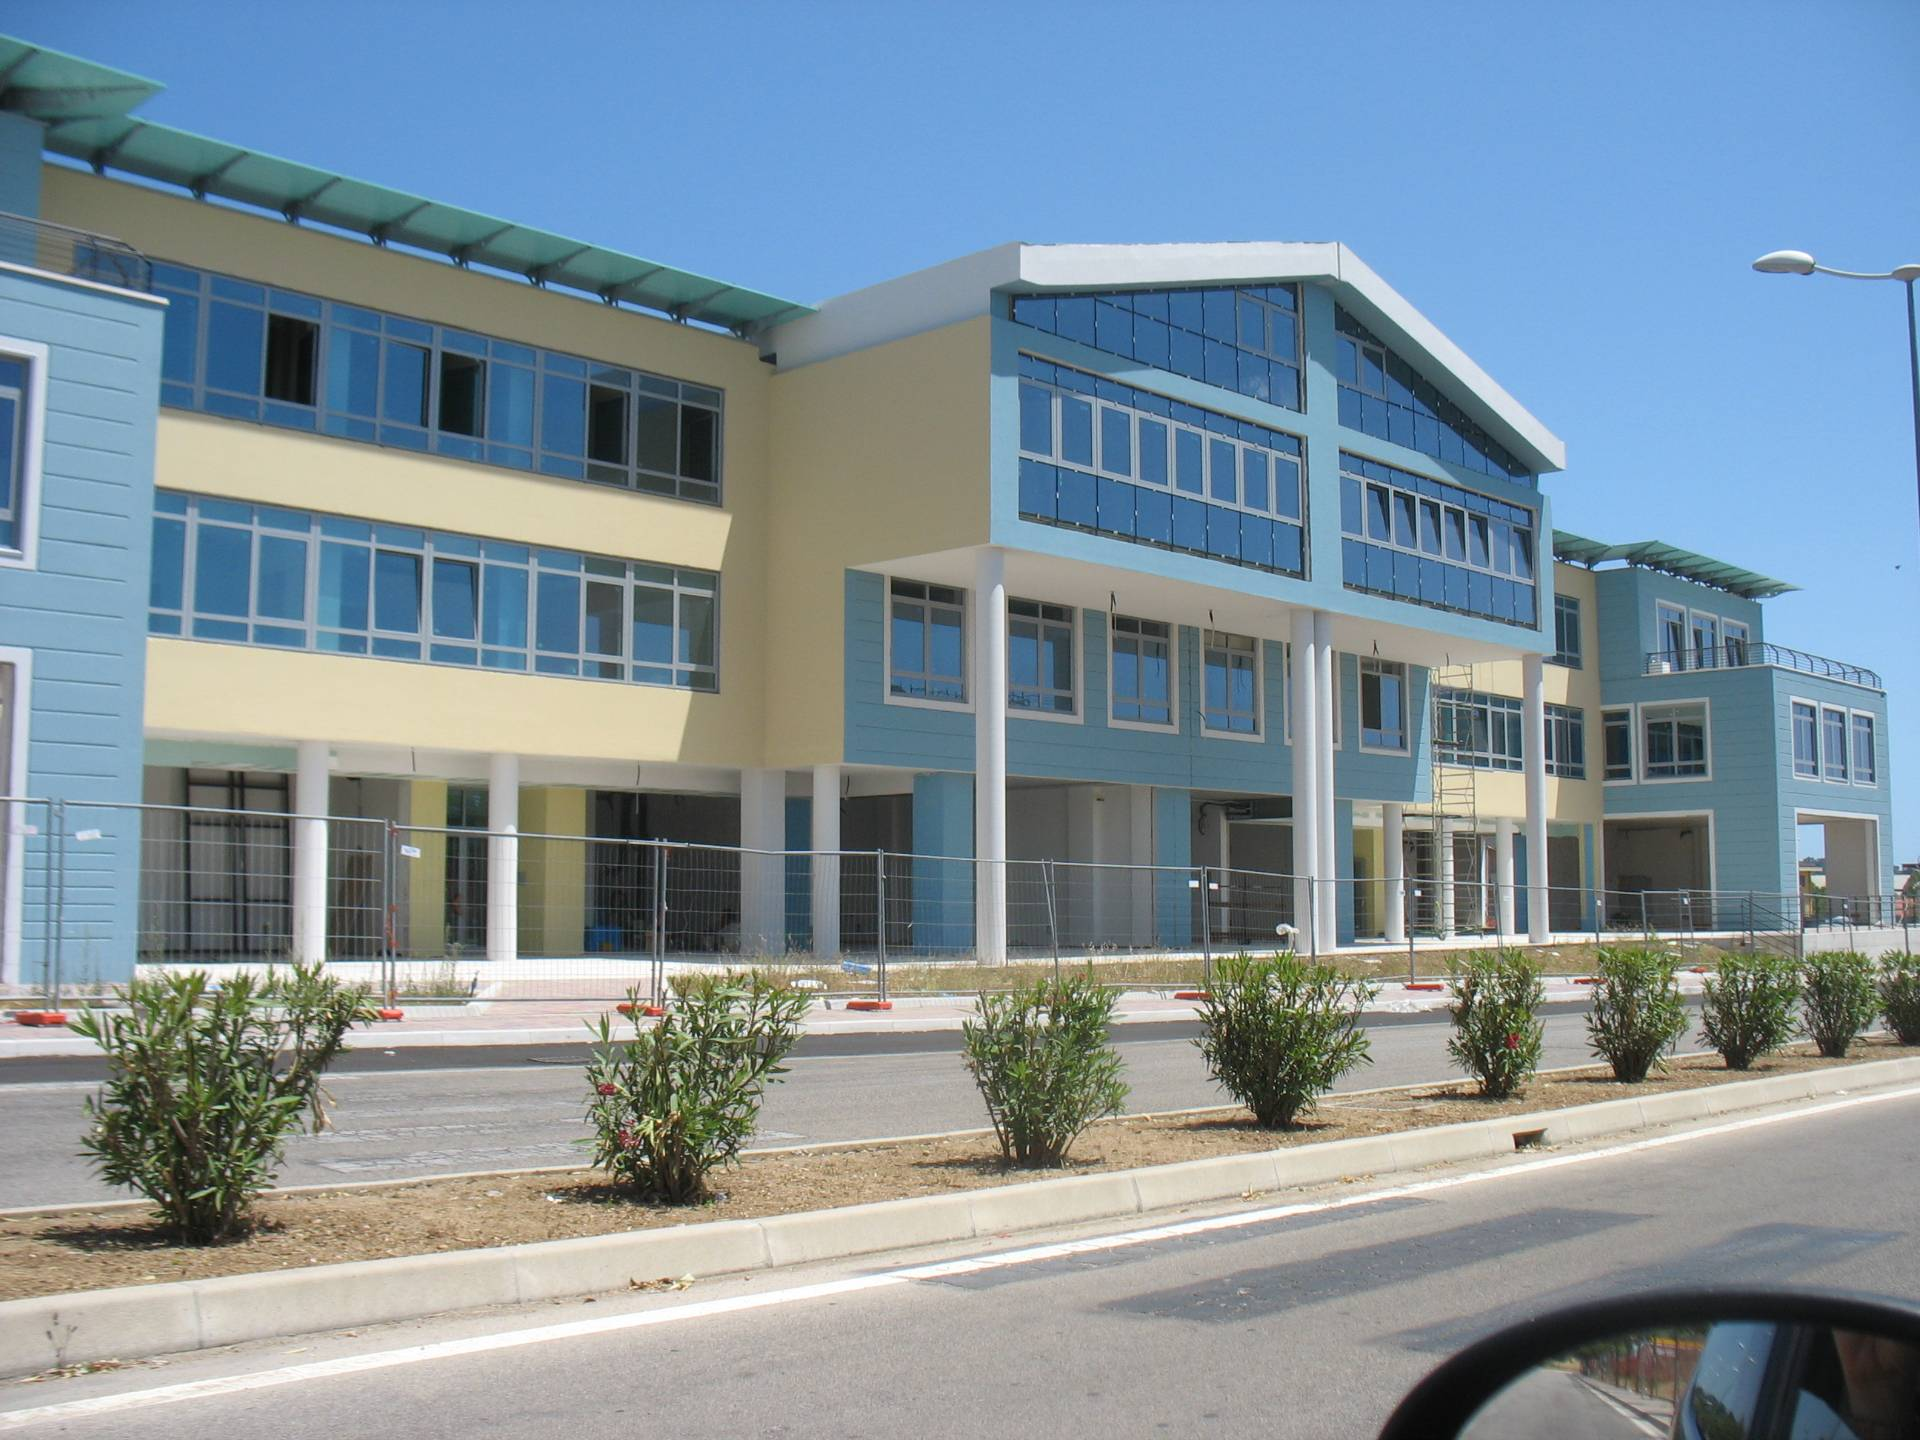 Negozio / Locale in vendita a Spoltore, 9999 locali, zona Località: VillaRaspa, prezzo € 149.000 | Cambio Casa.it